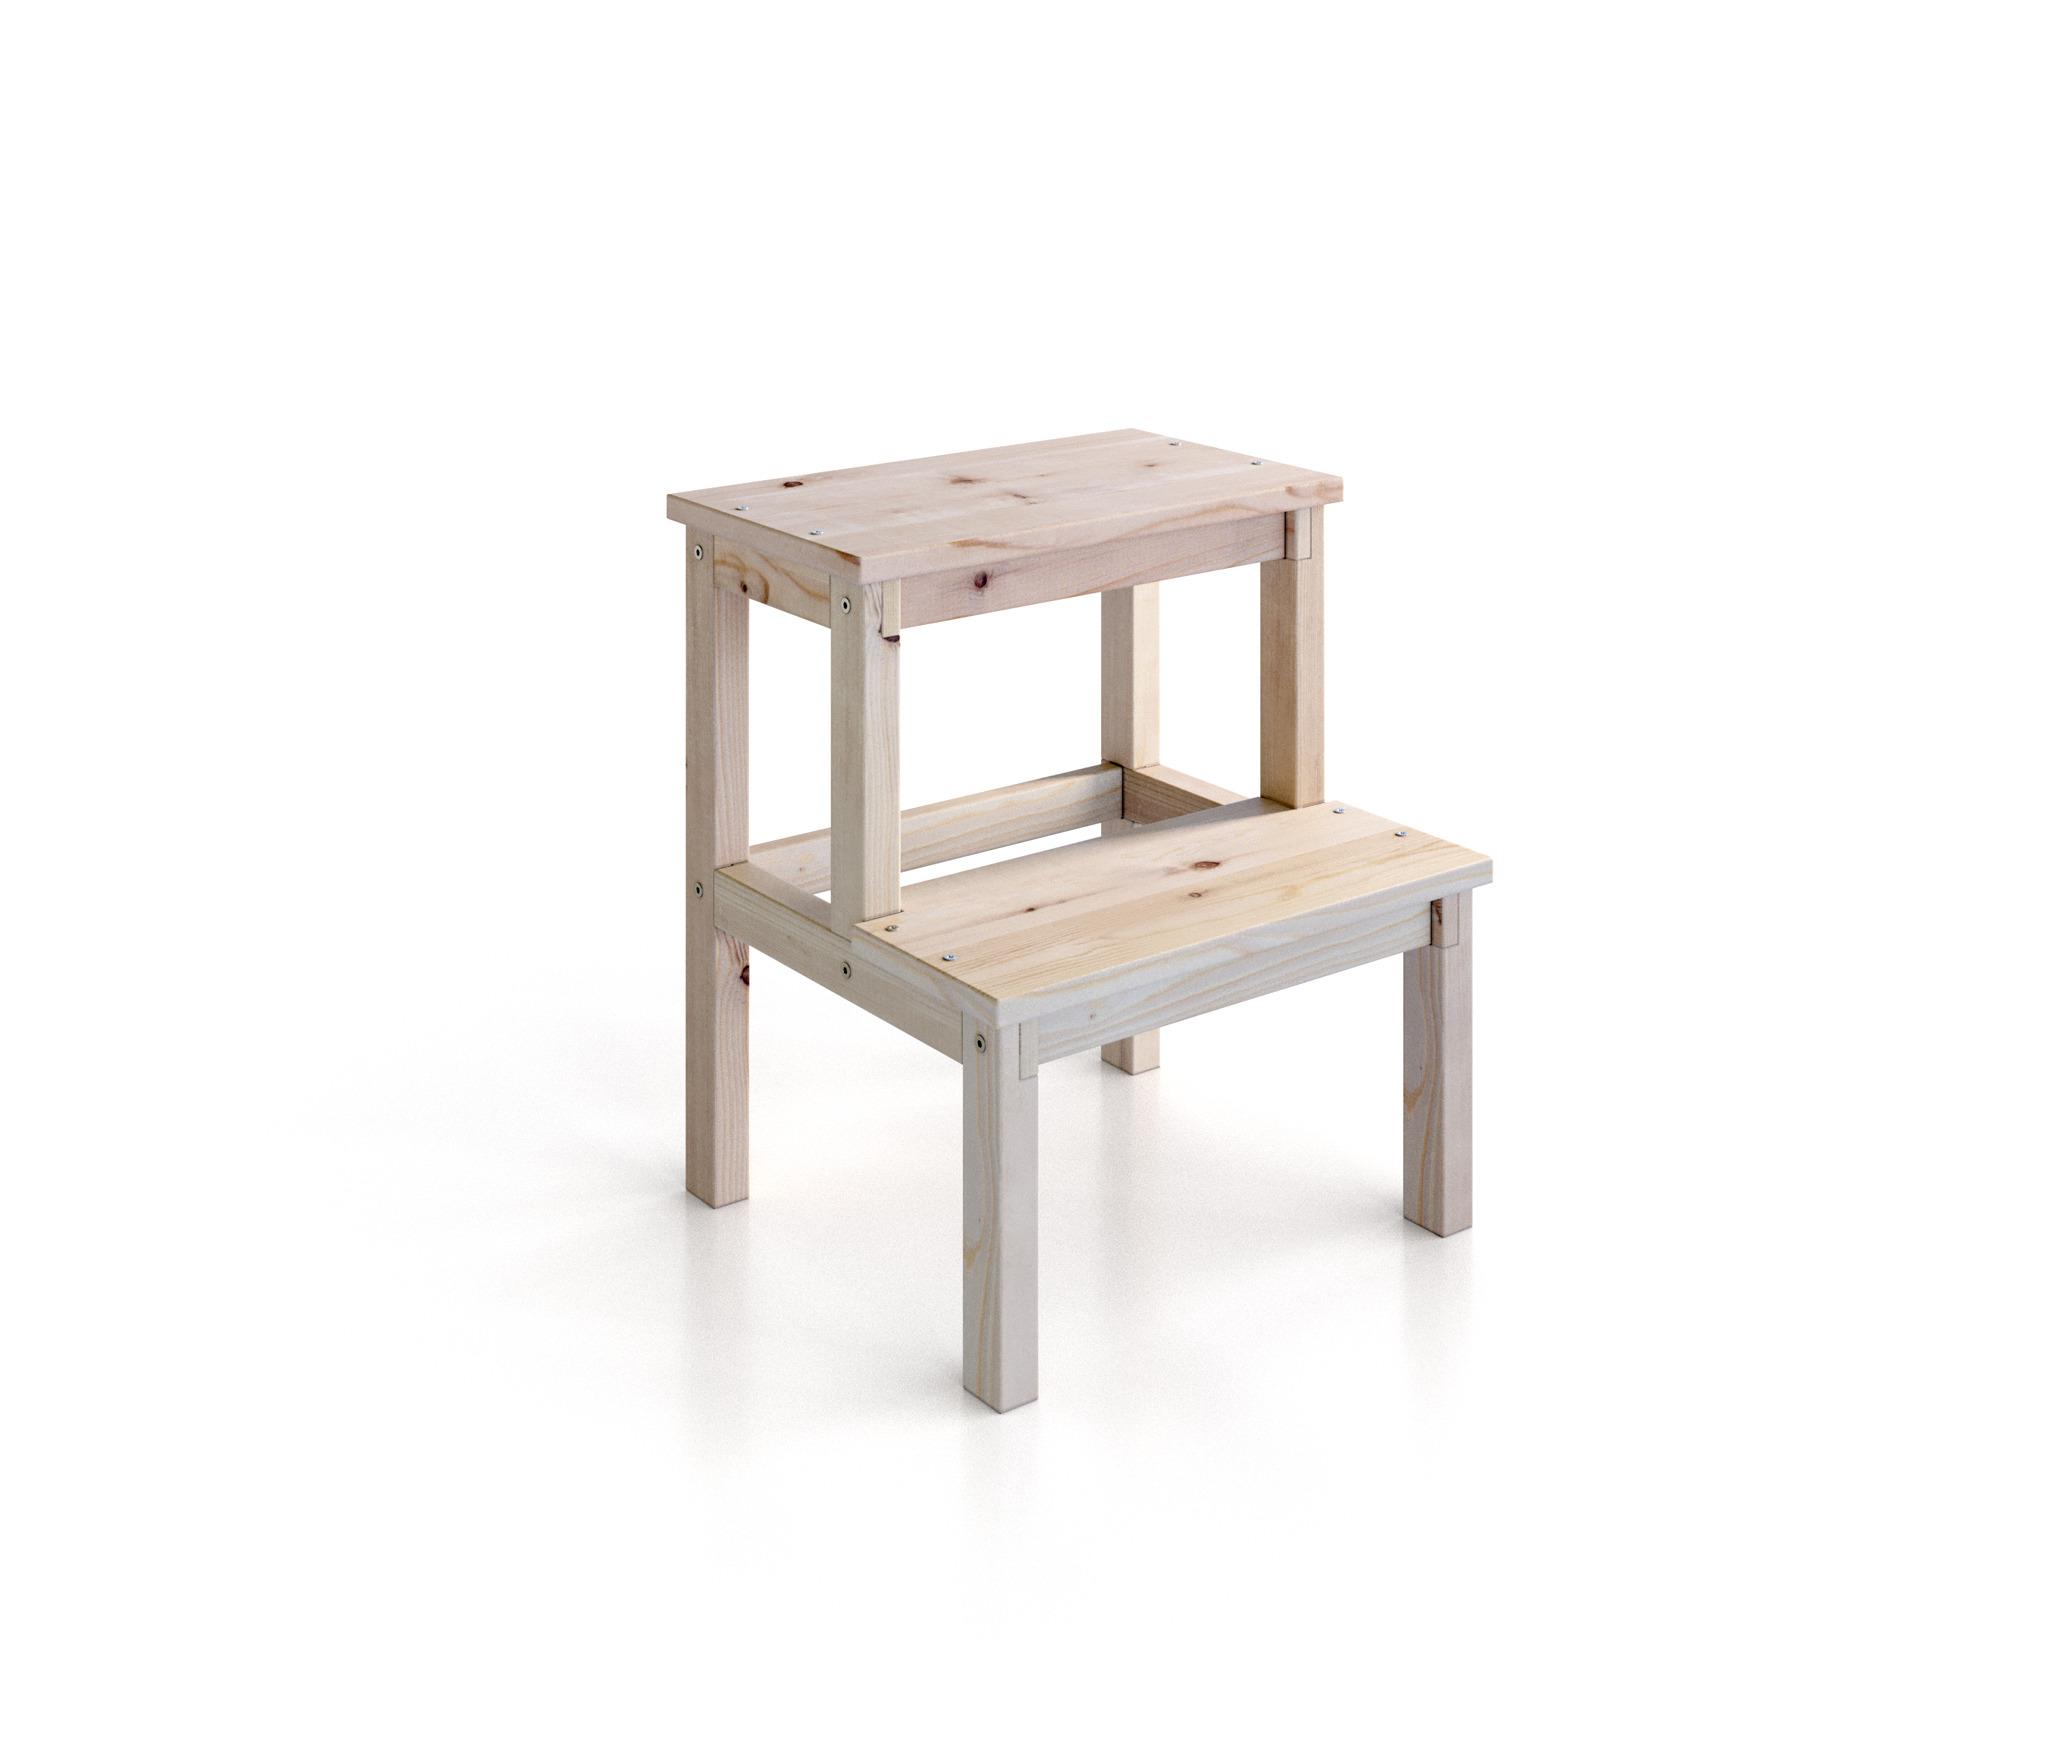 Кантри (Карелия) МС-34 табурет лестница соснаСопутствующие<br>Высококачественная карельская сосна в сочетании с эргономичным дизайном   это всегда лучший выбор. Не стоит забывать и про экологичность мебели из натурального дерева. Все детали тщательно отшлифованы. Идеально подойдет как для дачного домика так и для квартиры. Низкая цена обусловлена очень высоким спросом у потребителей.&#13;ВНИМАНИЕ! Перед началом эксплуатации вне помещений, необходимо обработать деревянные части мебели специализированными защитными составами!&#13;]]&gt;<br><br>Длина мм: 430<br>Высота мм: 504<br>Глубина мм: 390